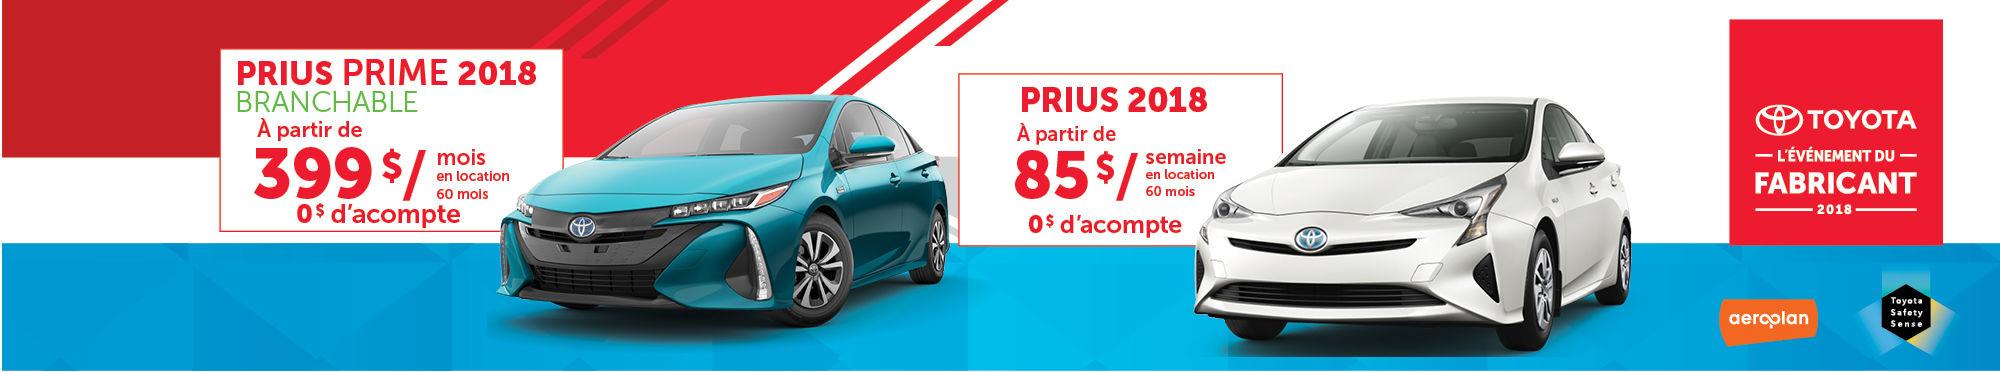 promotion prius et prime 2018